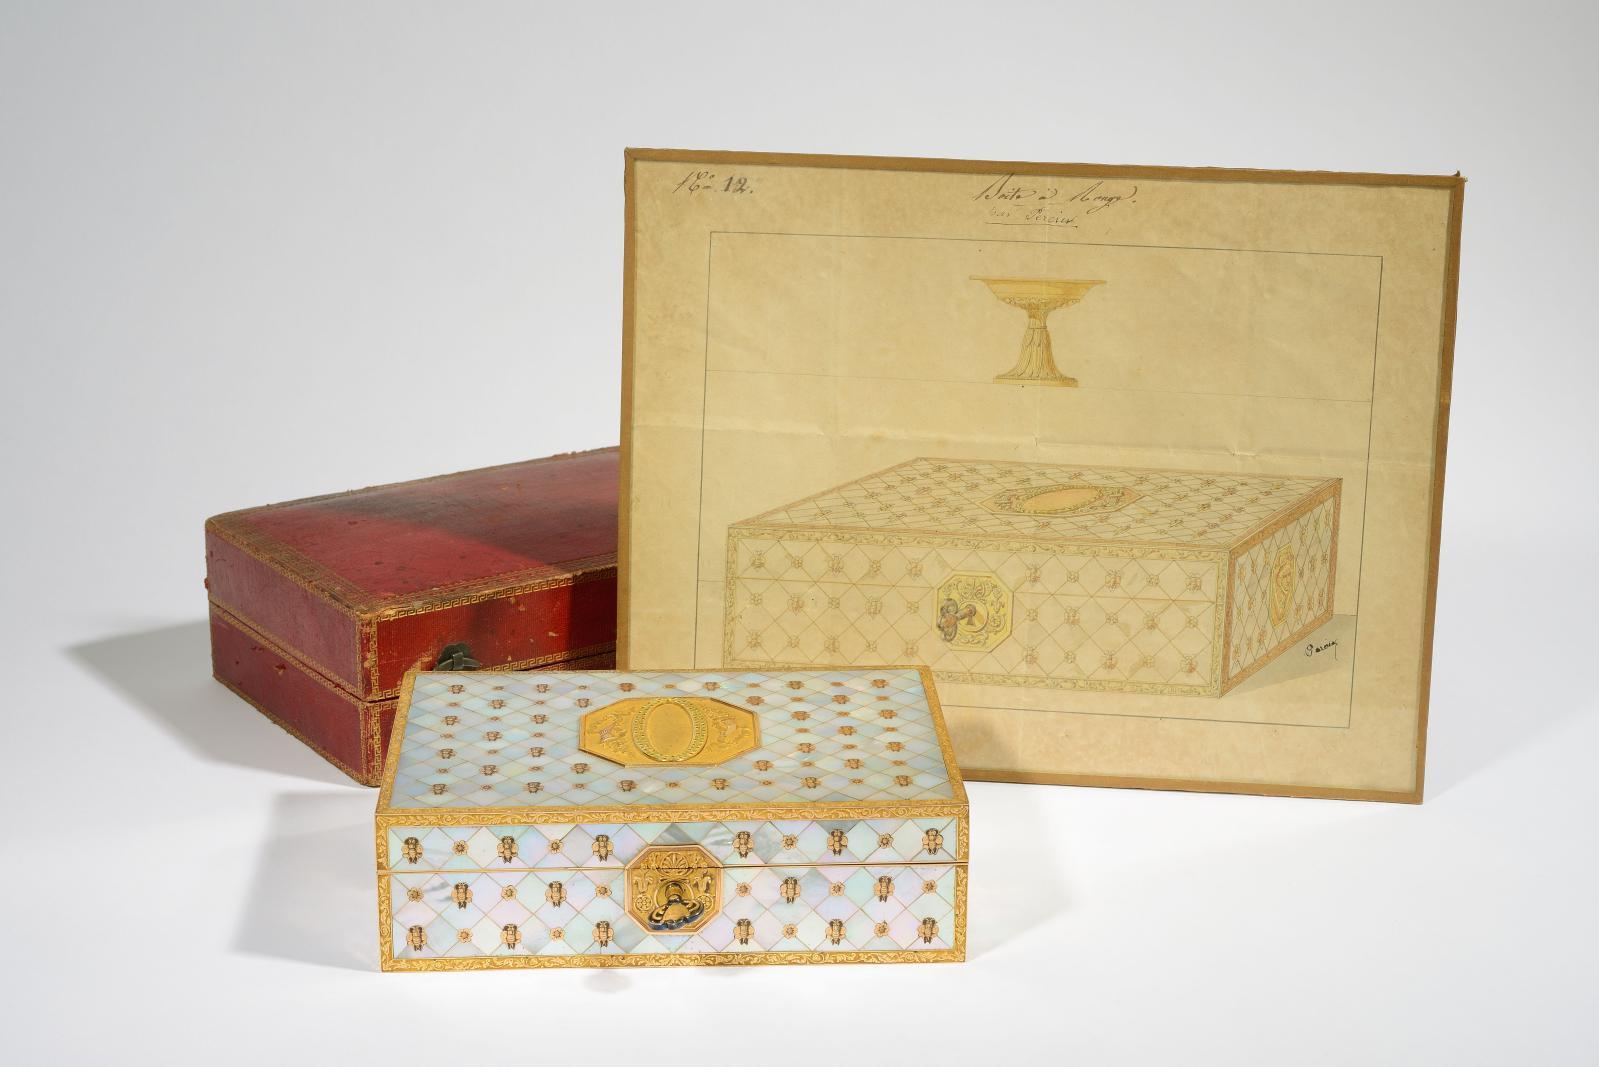 Martin Guillaume Biennais (1764-1843), impératrice Joséphine, «boîte à rouge», coffret en bois couvert de nacre, monture et décor en or, écrin, étique